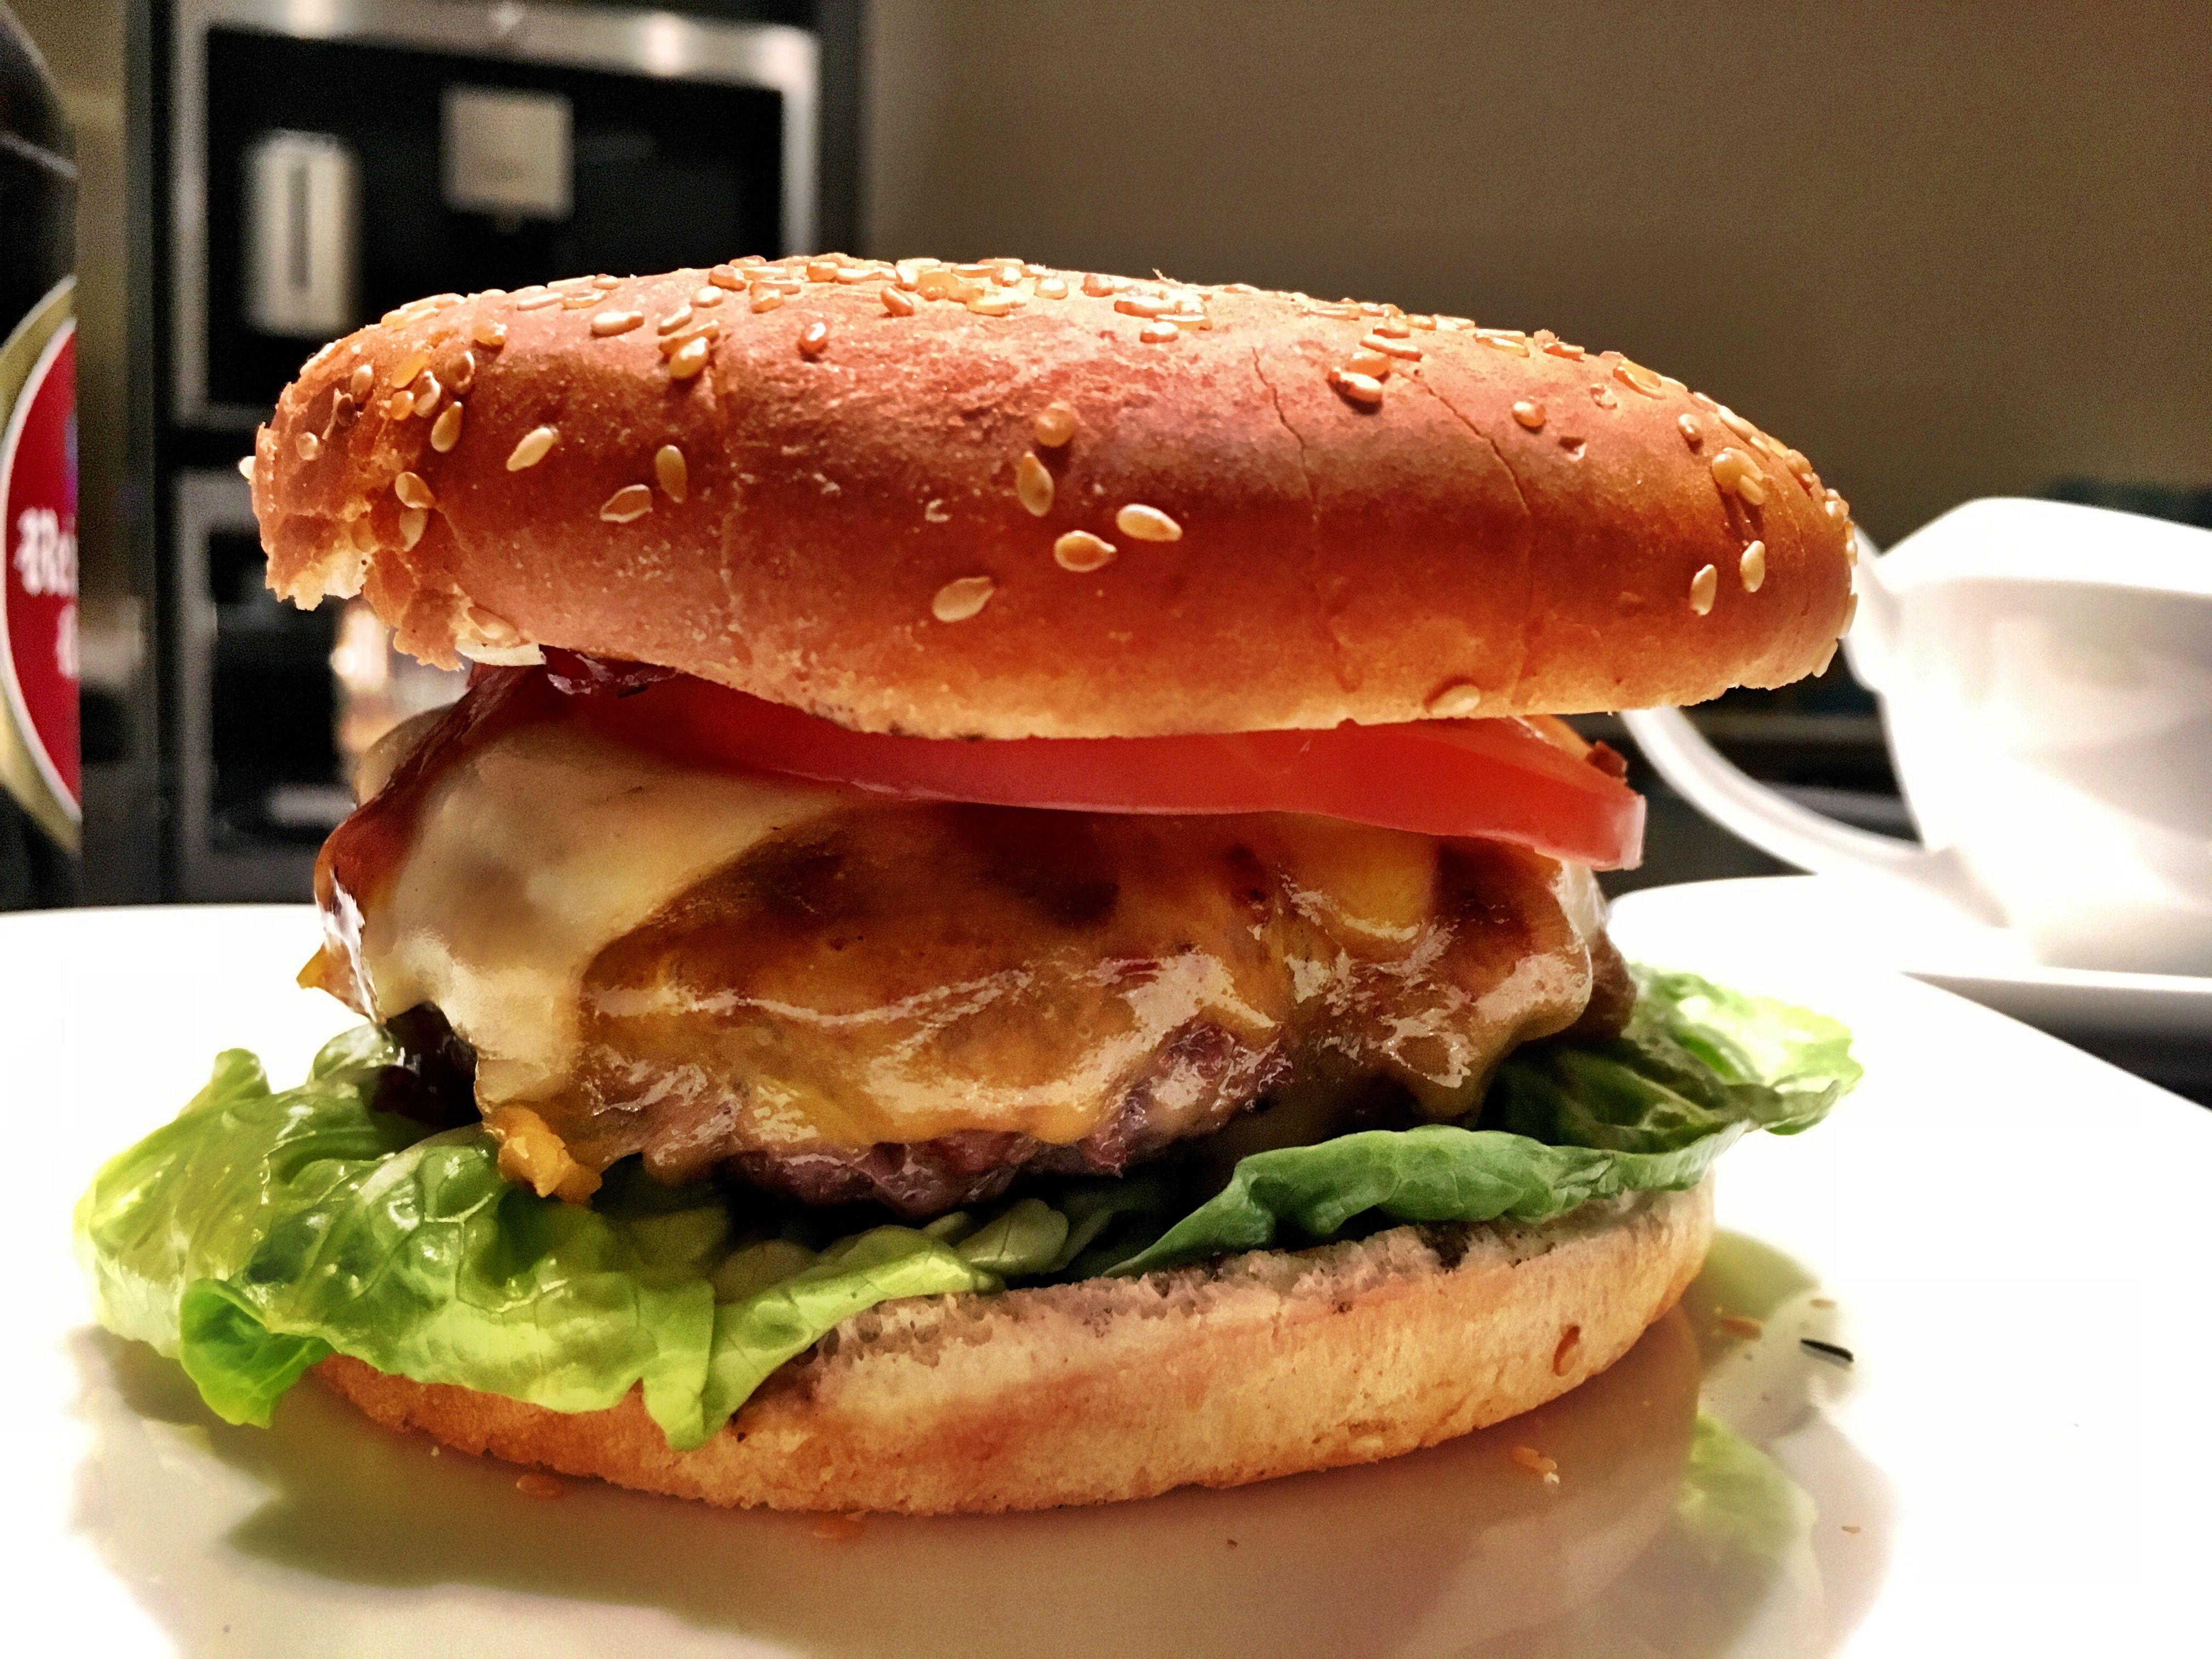 Cheeseburger sind tolle Burger - erst recht, wenn man spontan Lust auf Burger hat, aber keinen großen Schnickschnack veranstalten möchte.